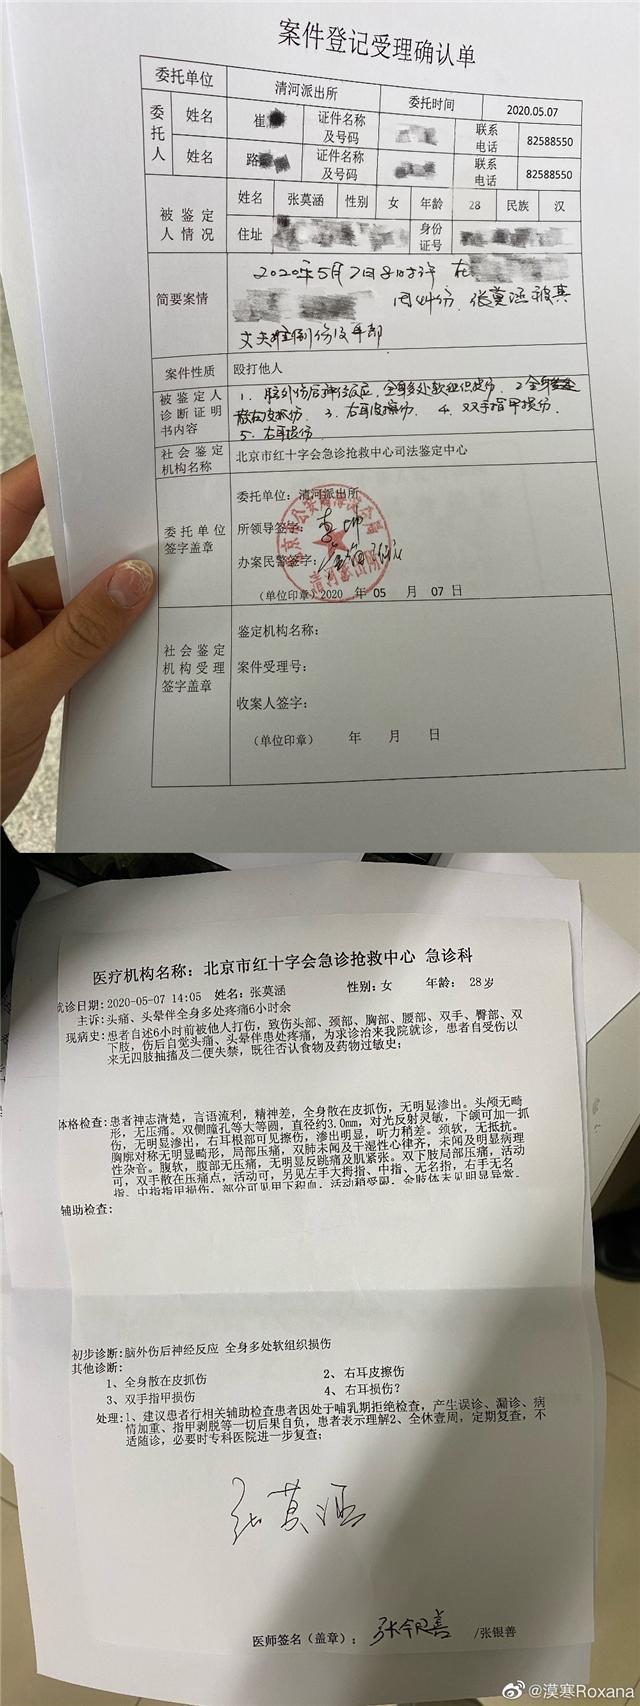 中国飞人家暴+偷腥!还在清华任职,妻子爆其丑闻在网上通报校方 全球新闻风头榜 第6张